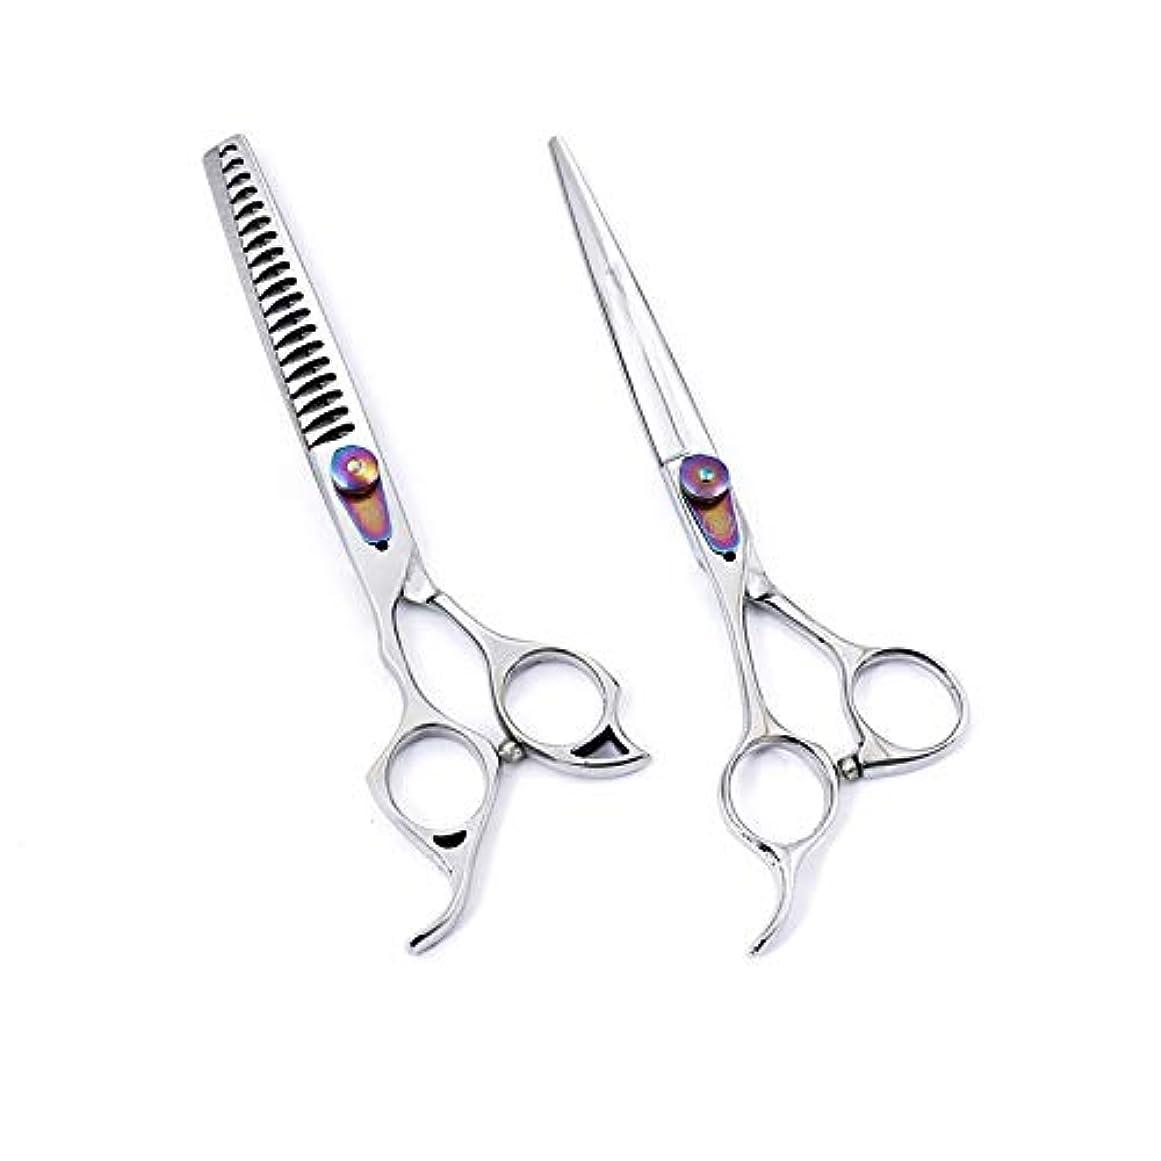 シザー カットシザー 7インチ左手ペットグルーミングハサミ/平シャー/ハサミ/間伐用鋏/スーツペットグルーミングショップに最適 ヘアカット シザー (Style : Set (2 scissors))